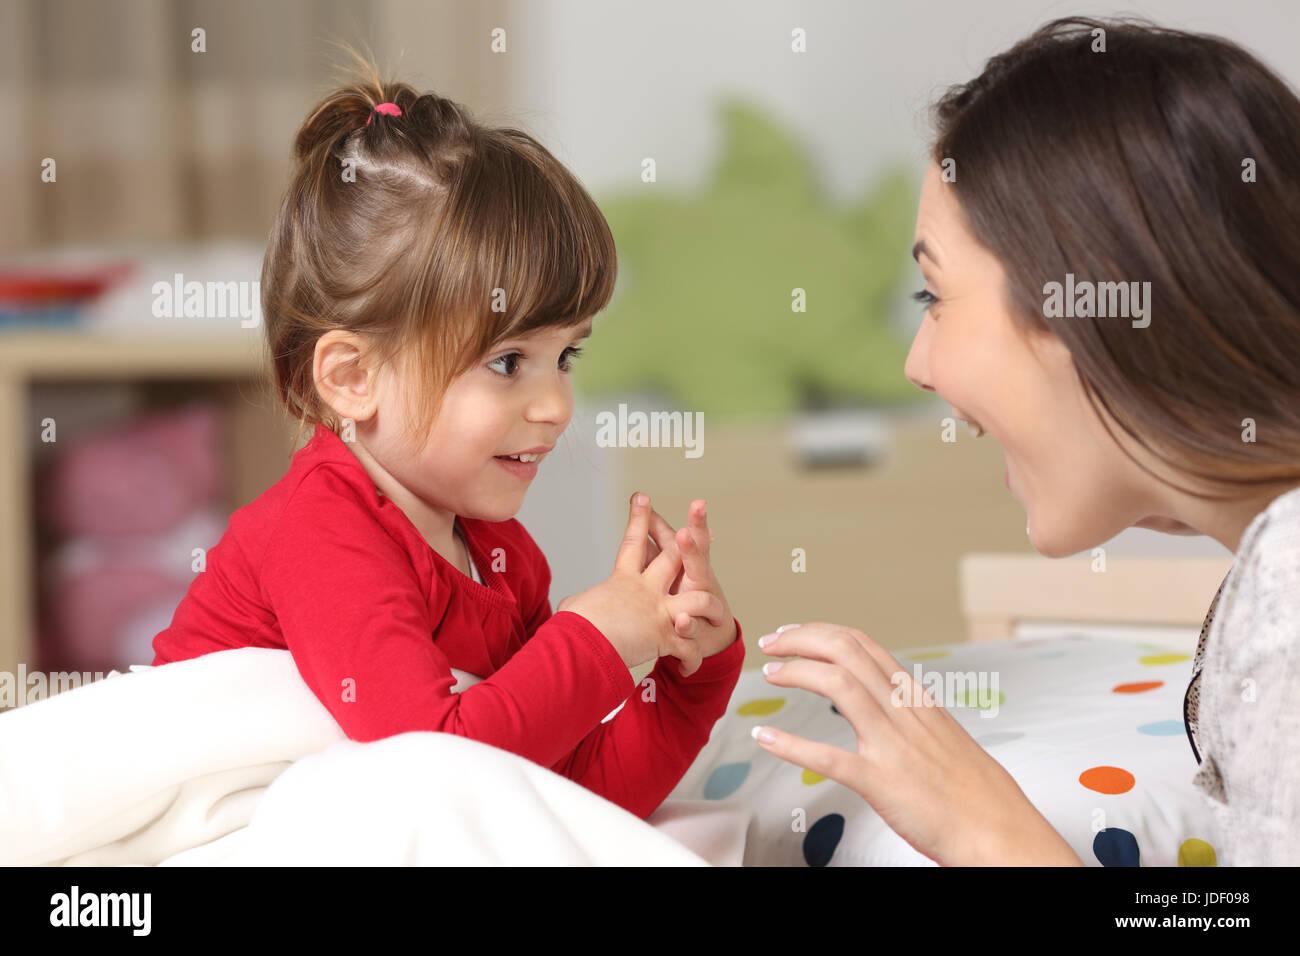 Mãe e criança vestindo camisola vermelha a jogar juntos em uma cama no quarto em casa Imagens de Stock